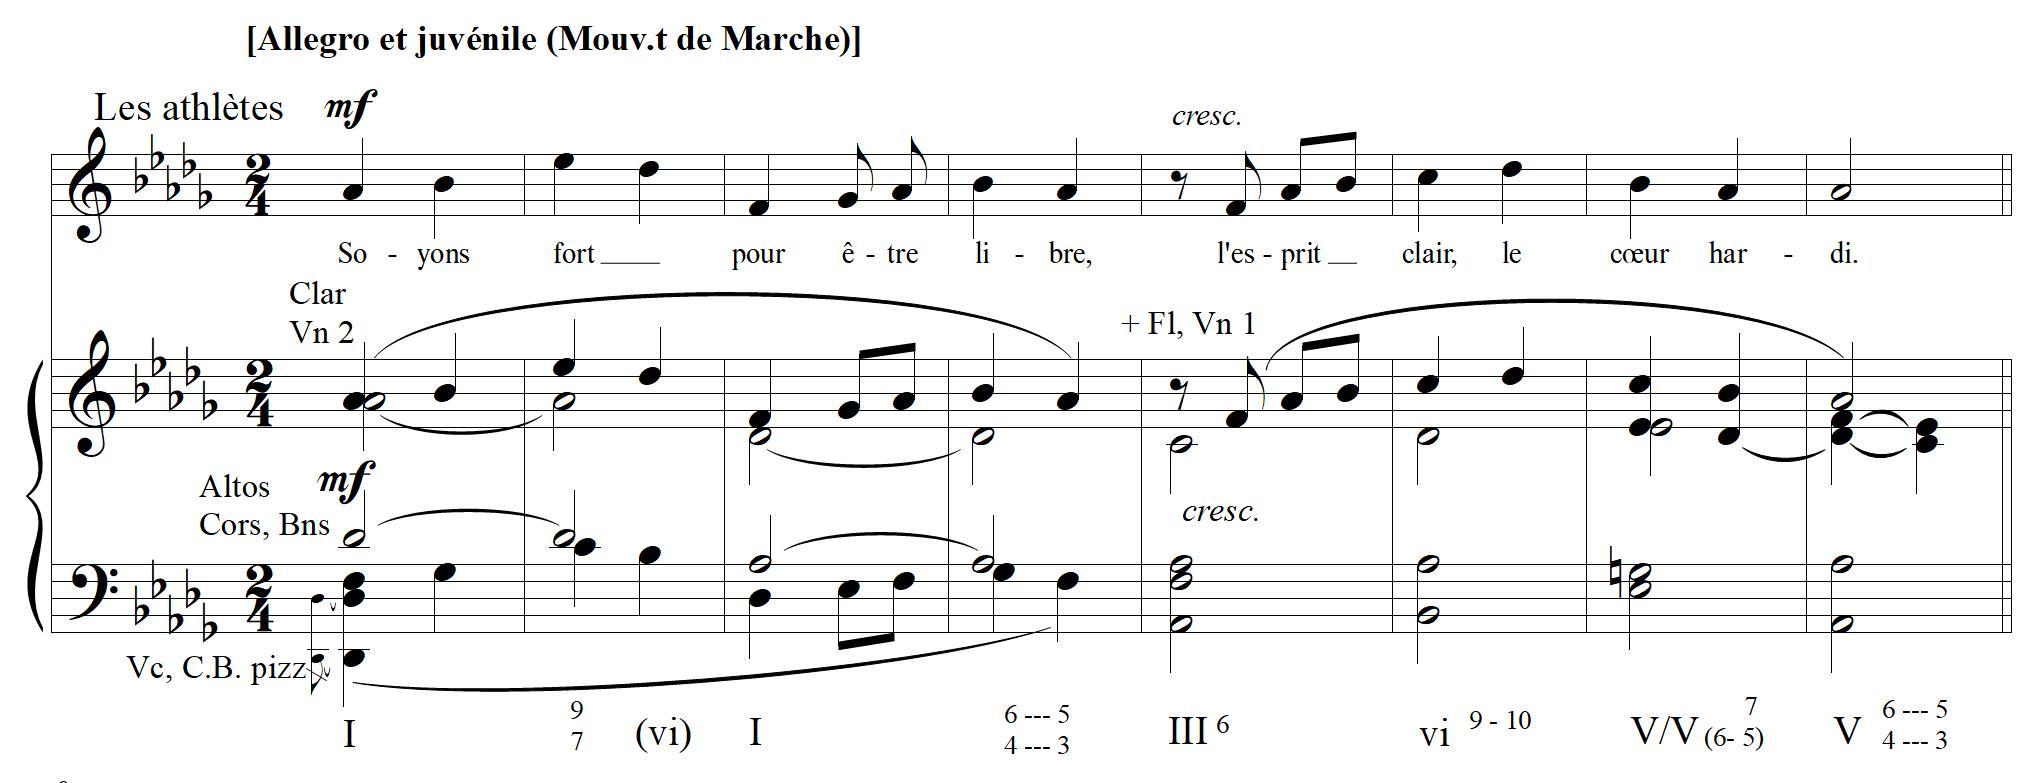 Figure10: Louis Vuillemin, Cortège d'athlètes, «Le salut des athlètes», mes.16-23 de la réduction pour chant et piano (Nantes, Jacques Vuillemin, 1922).